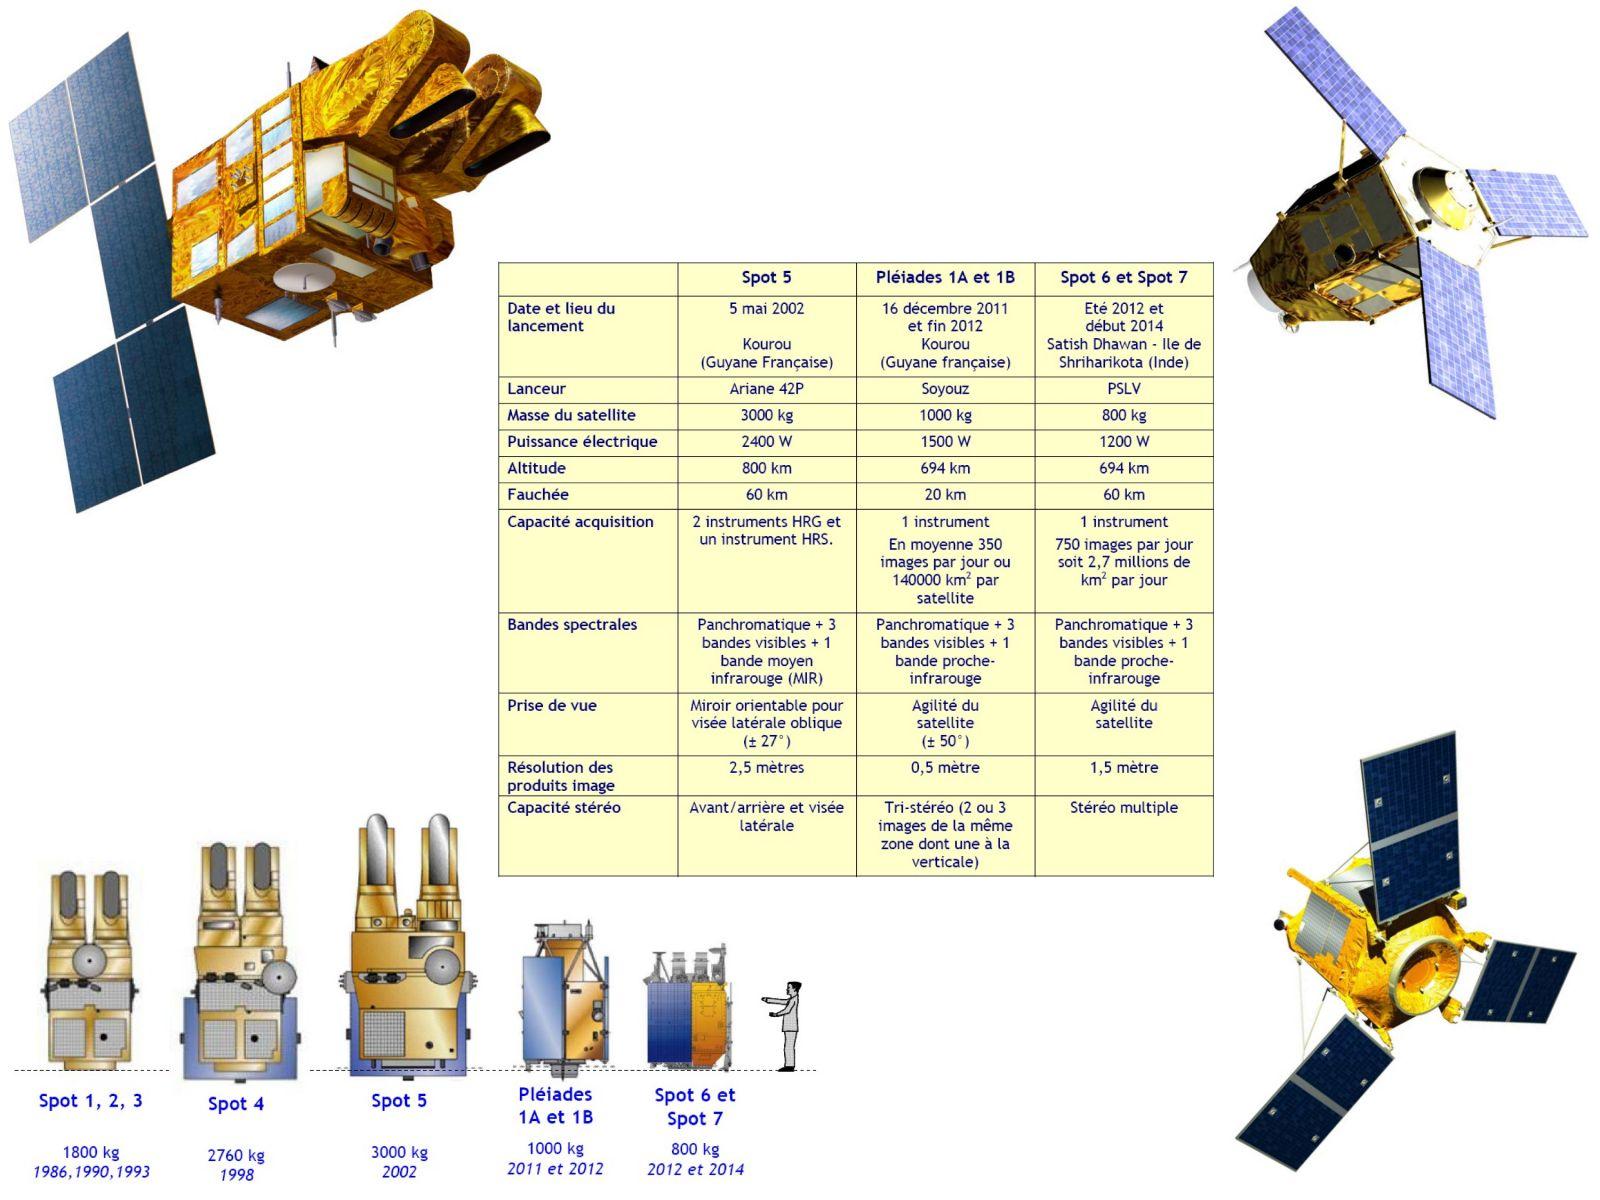 Comparaison des caractéristiques, tailles et allures des satellites Spot 5, Spot 6, Spot 7 et Pleiades